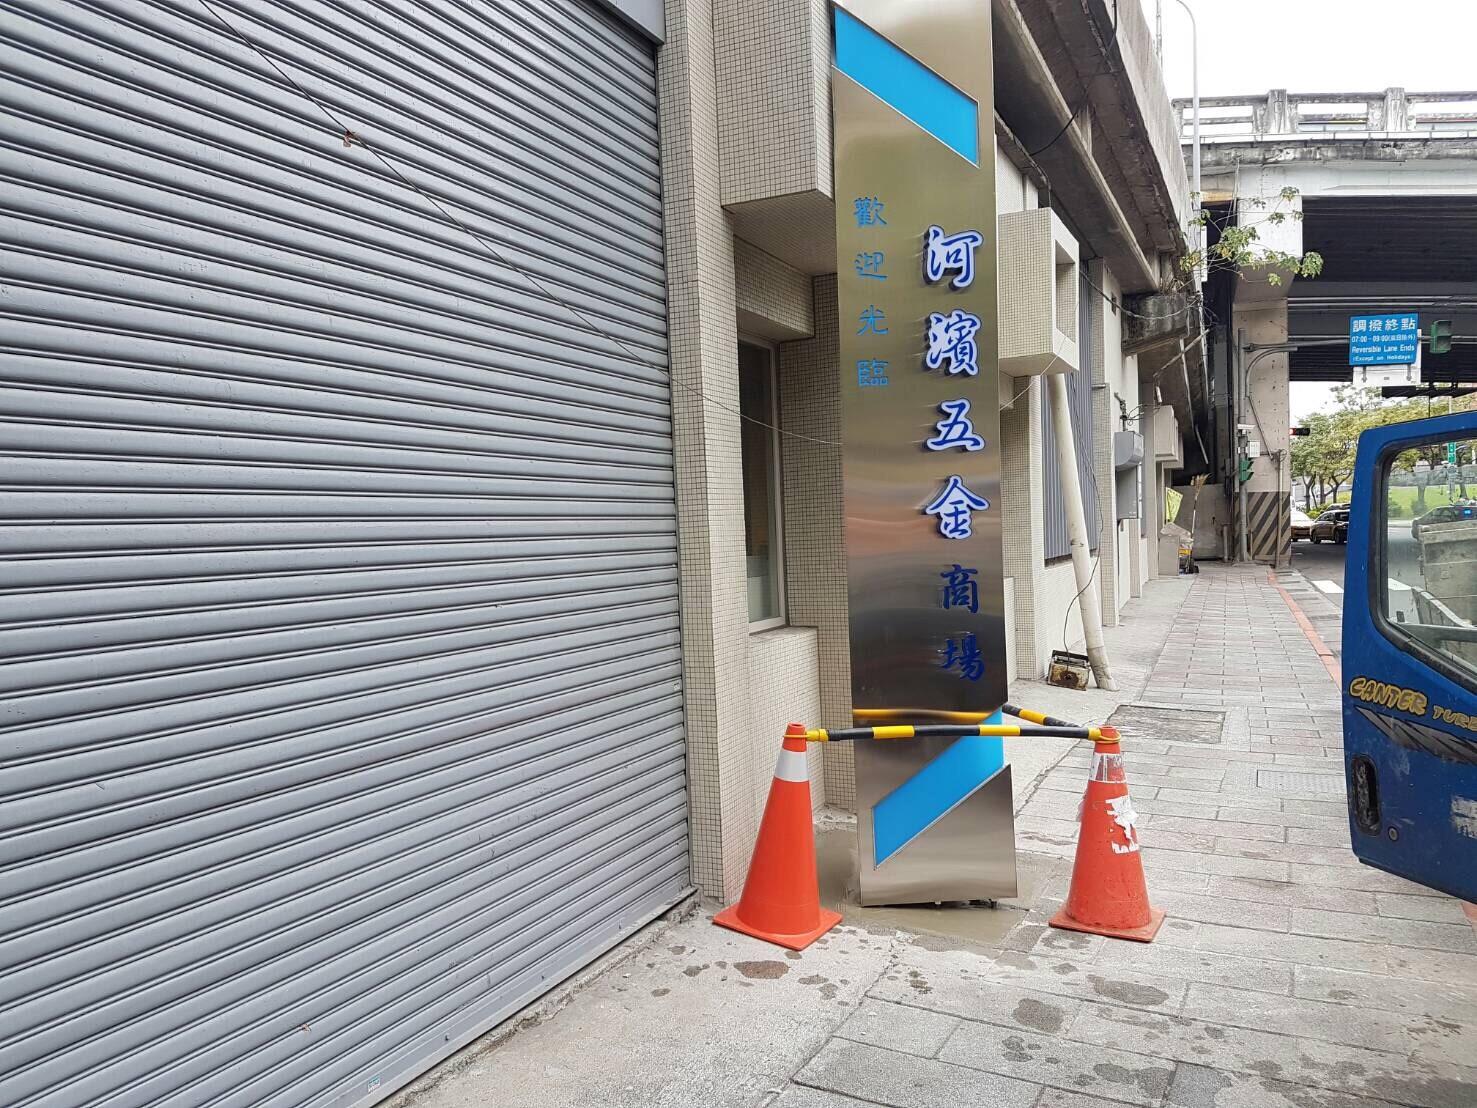 河濱五金商場入口意象招牌工程